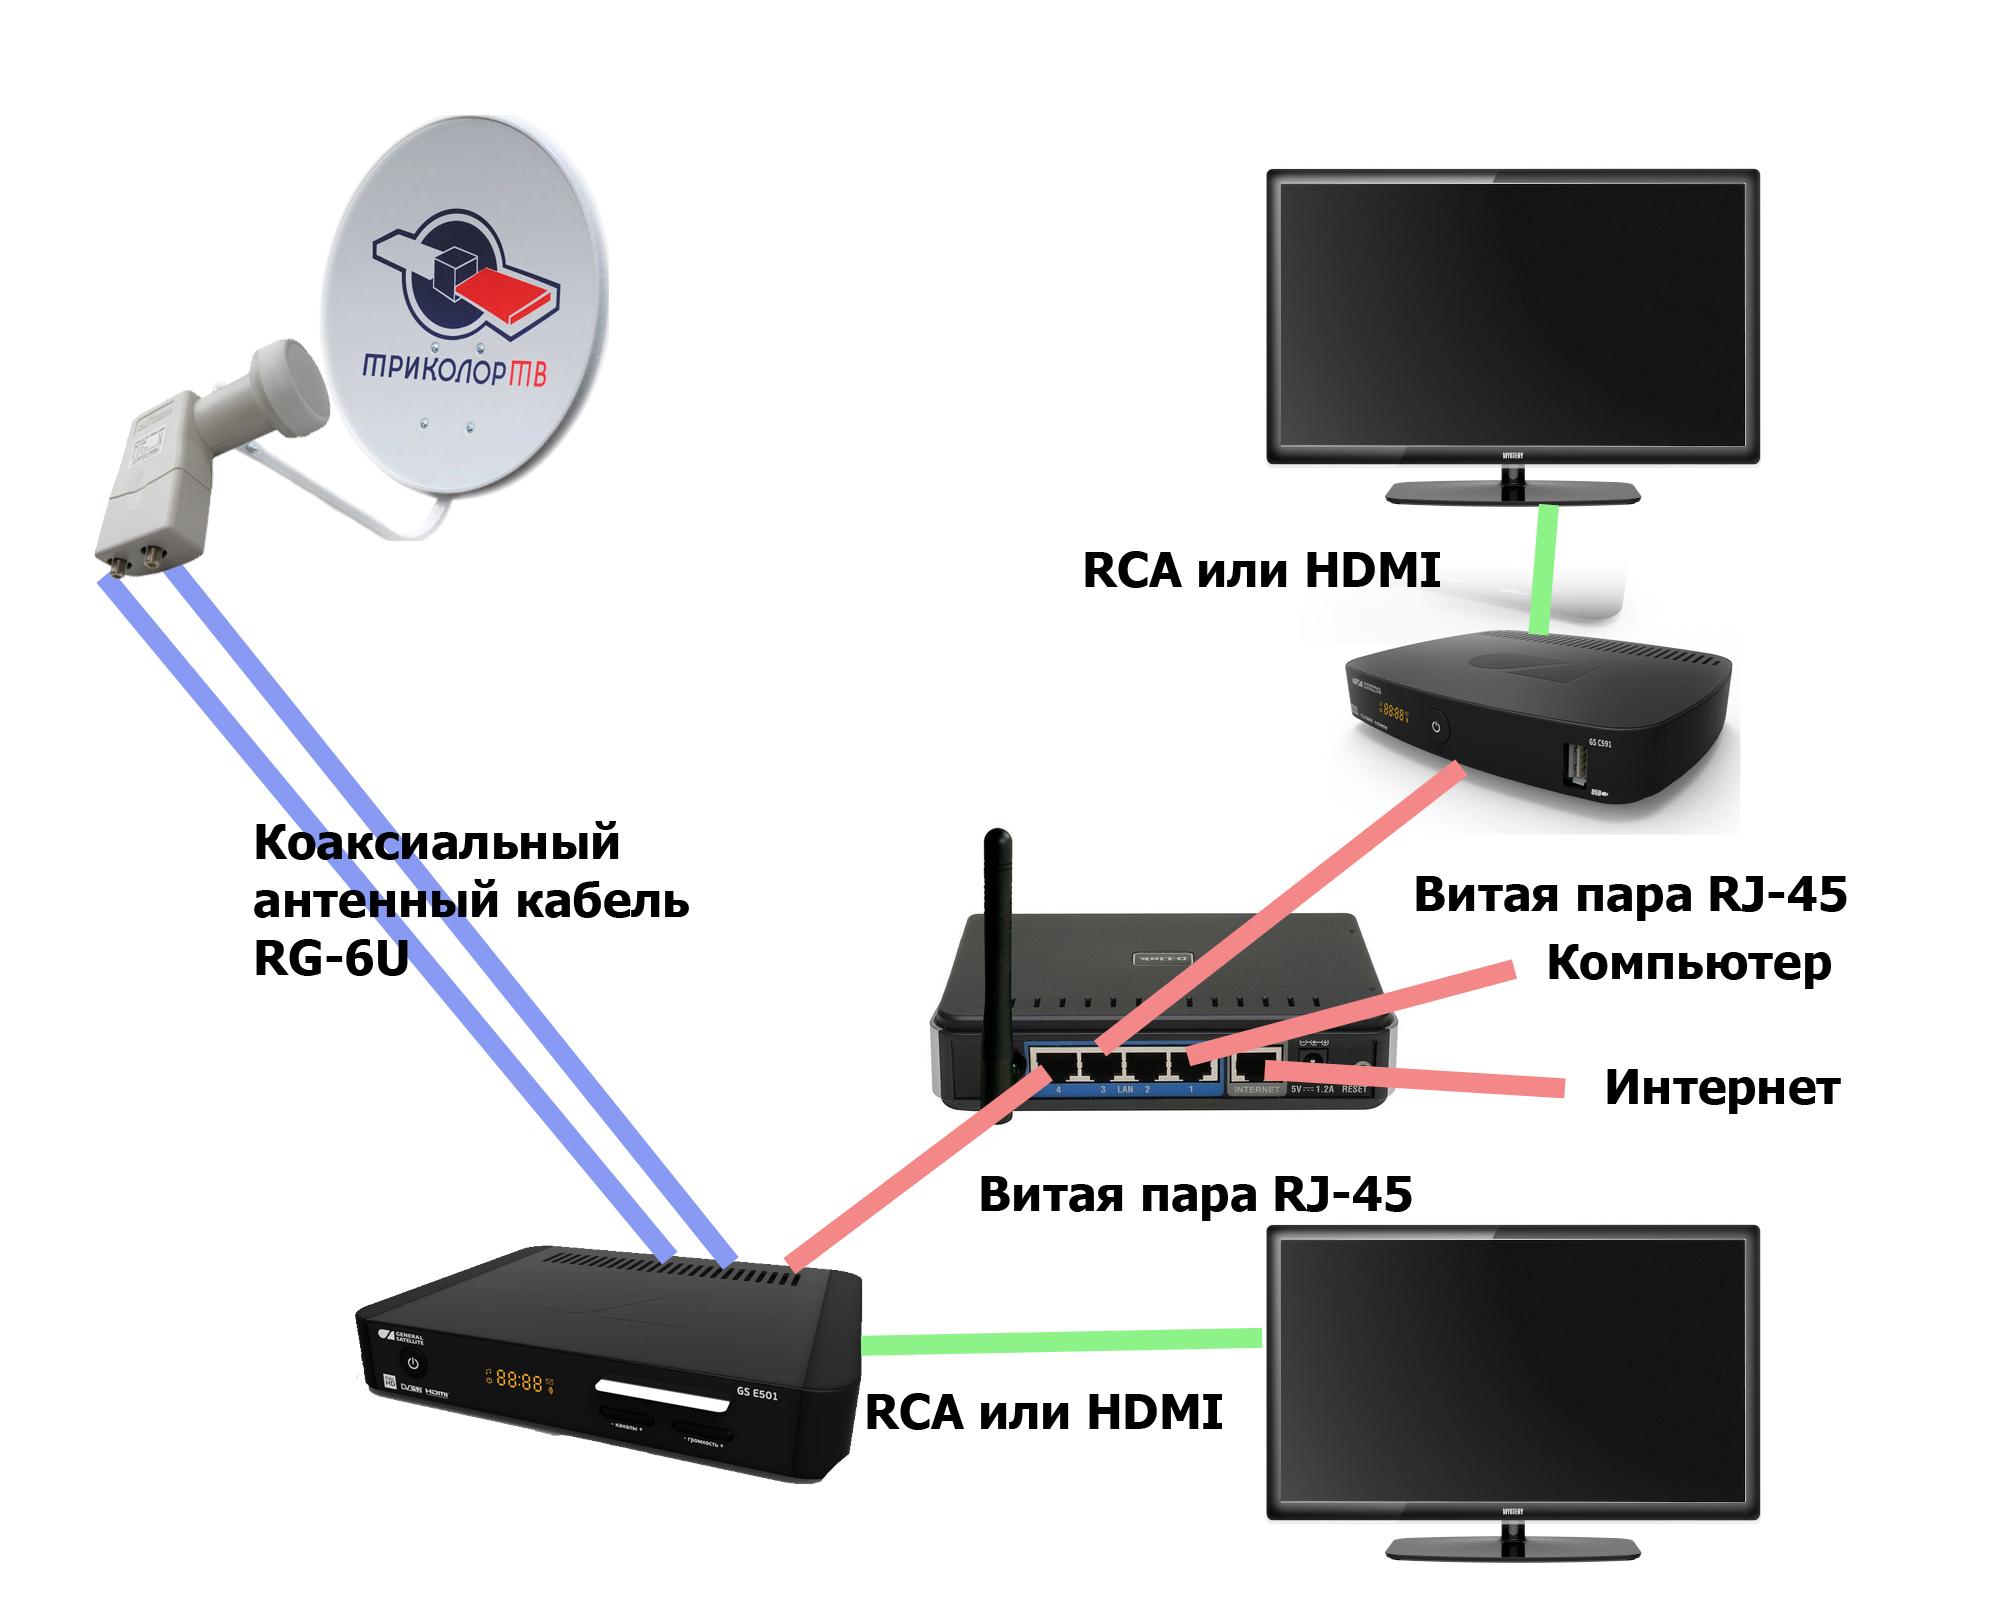 Как подключить стационарный компьютер к wifi? Твой сетевичок 99